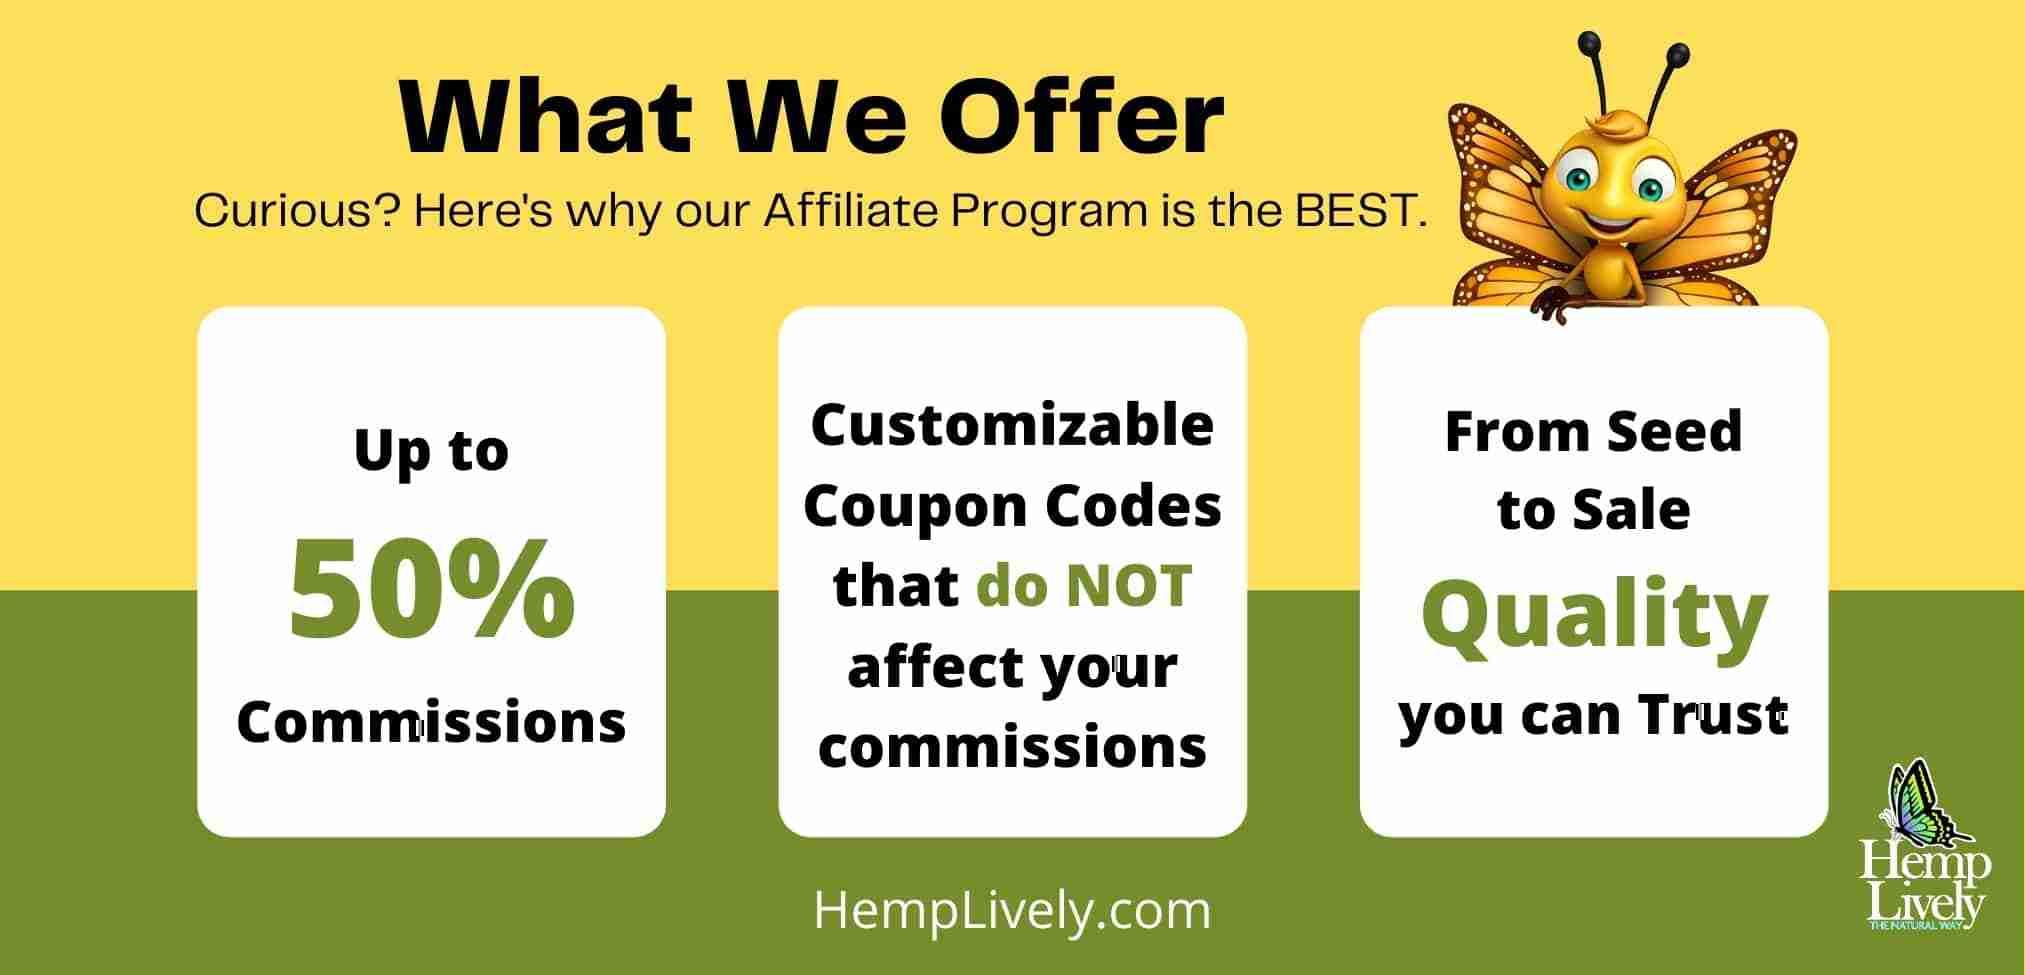 What We offer Hemp Lively Affiliate Program